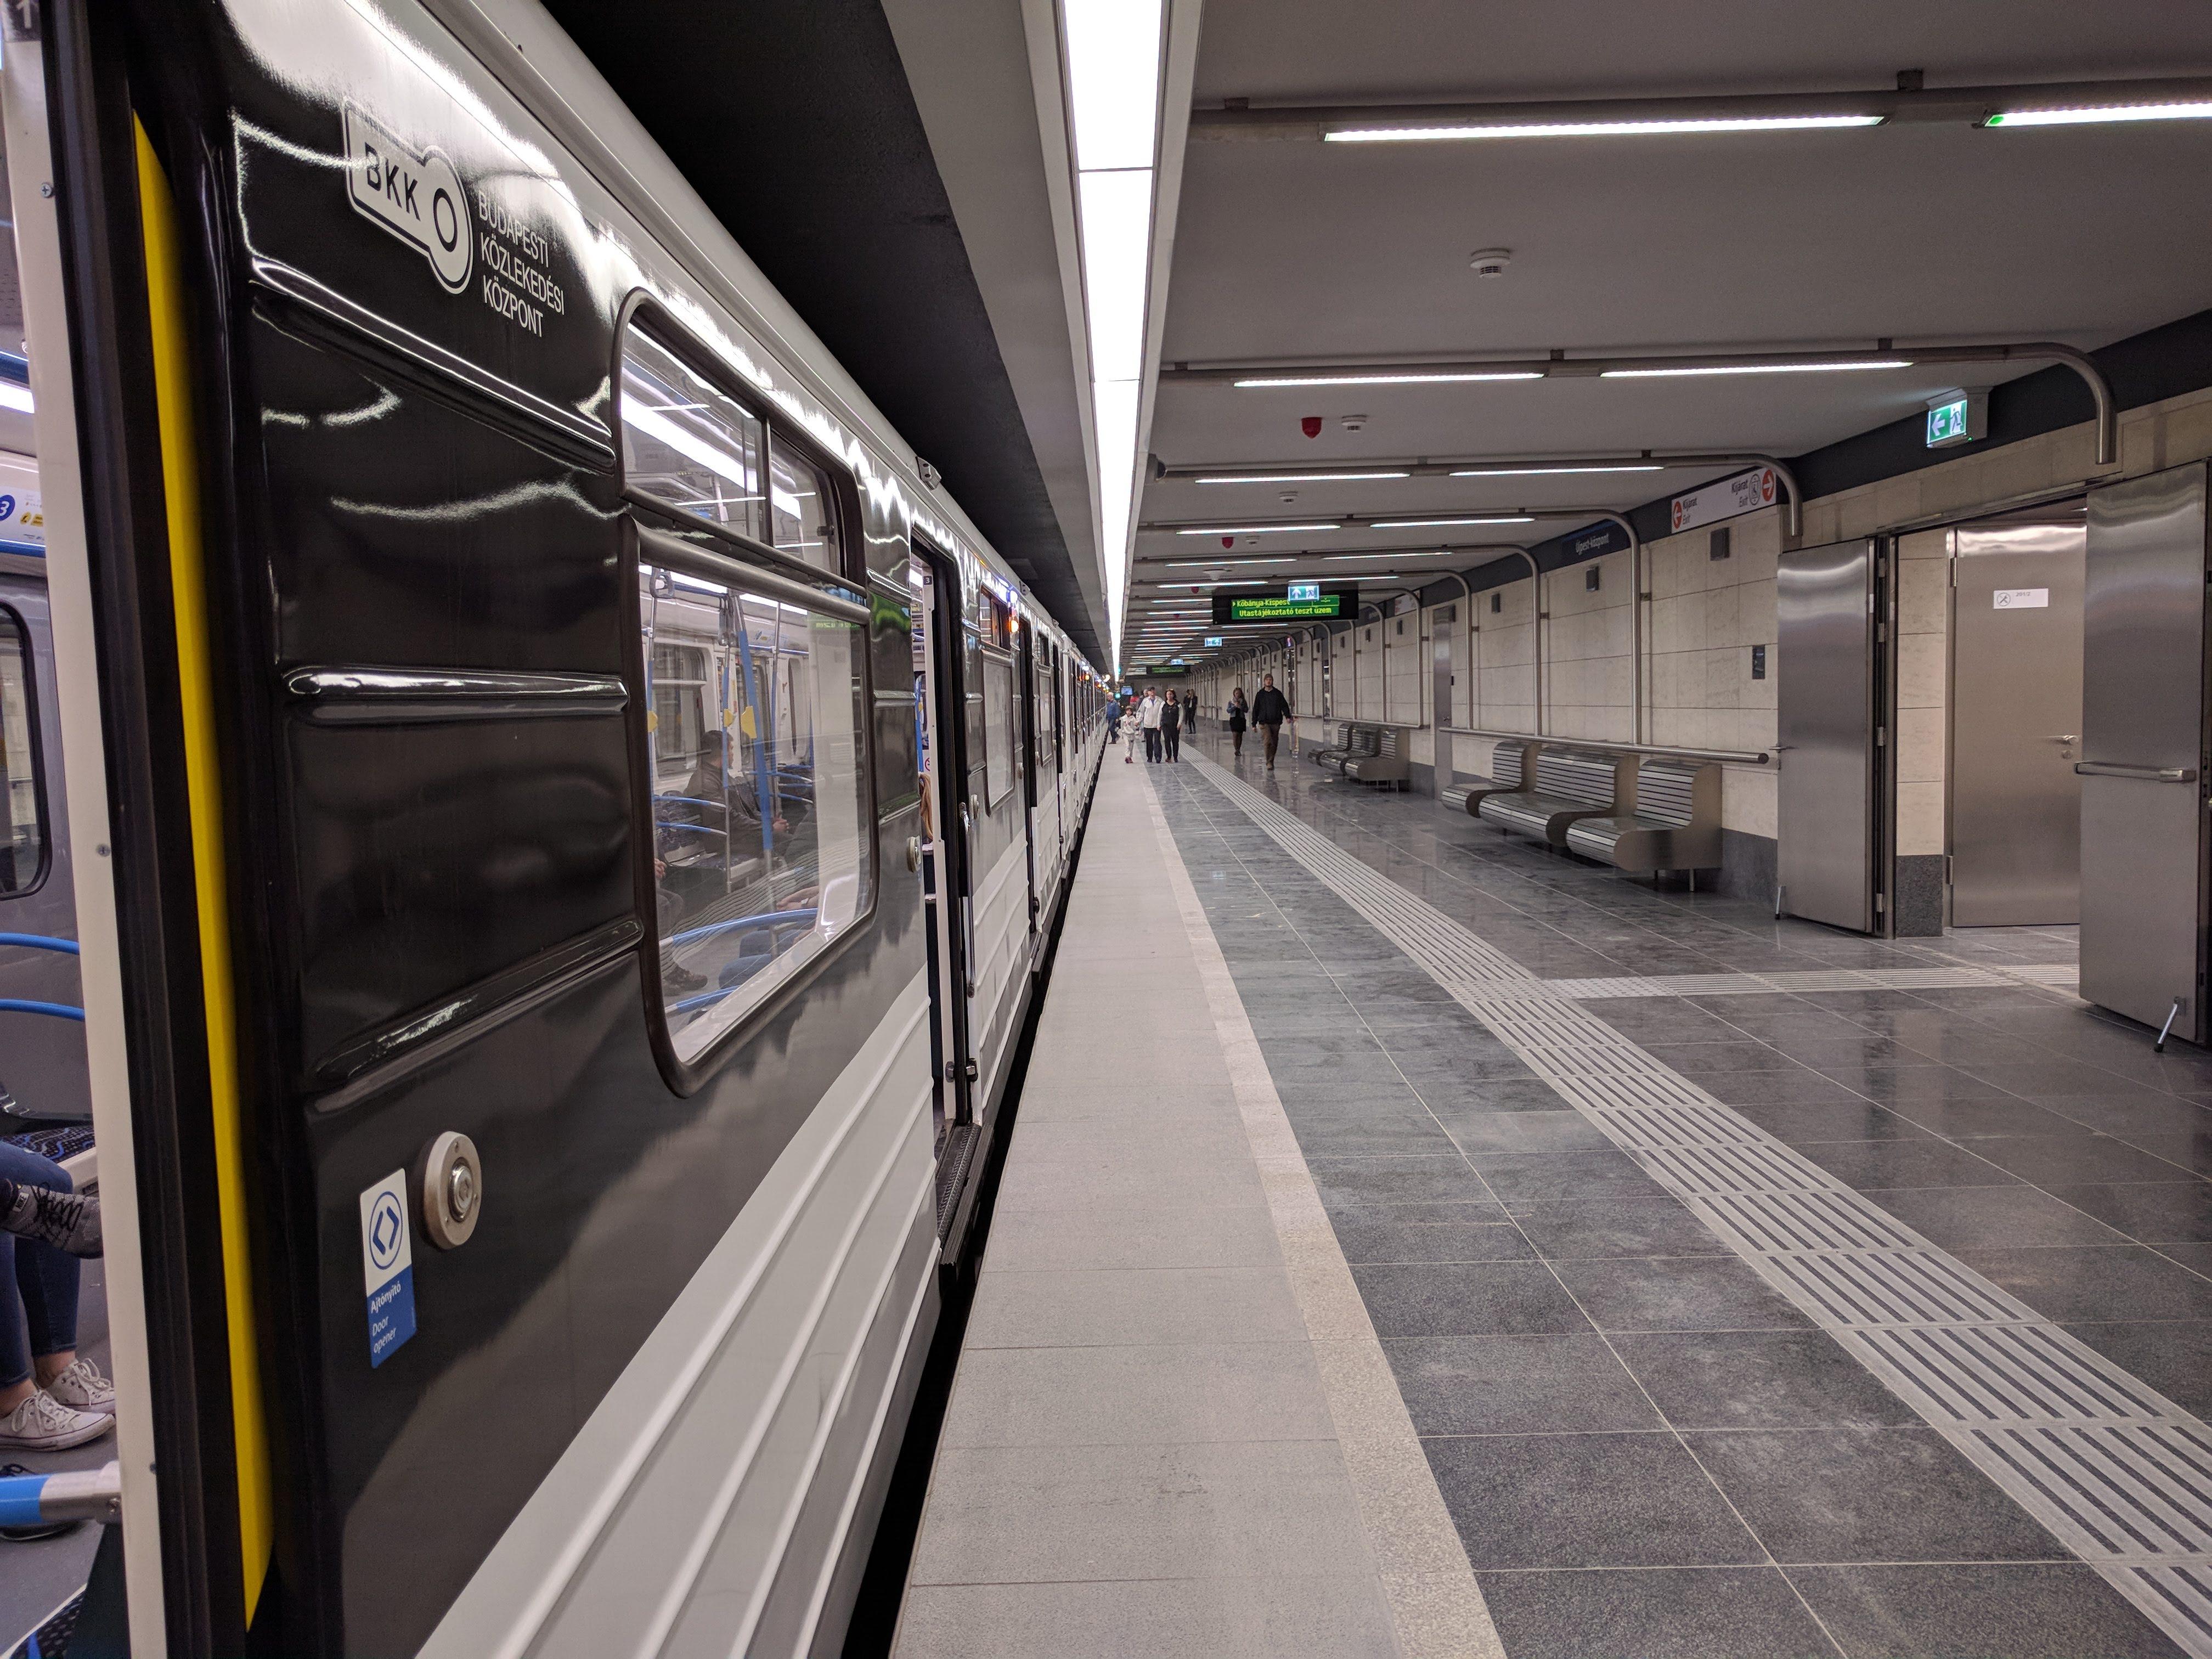 Újpest-központban a falak kőburkolatot kaptak. Megjelennek a hajlított acélcsövek is, amelyek ezen az állomáson korlátban végződnek.